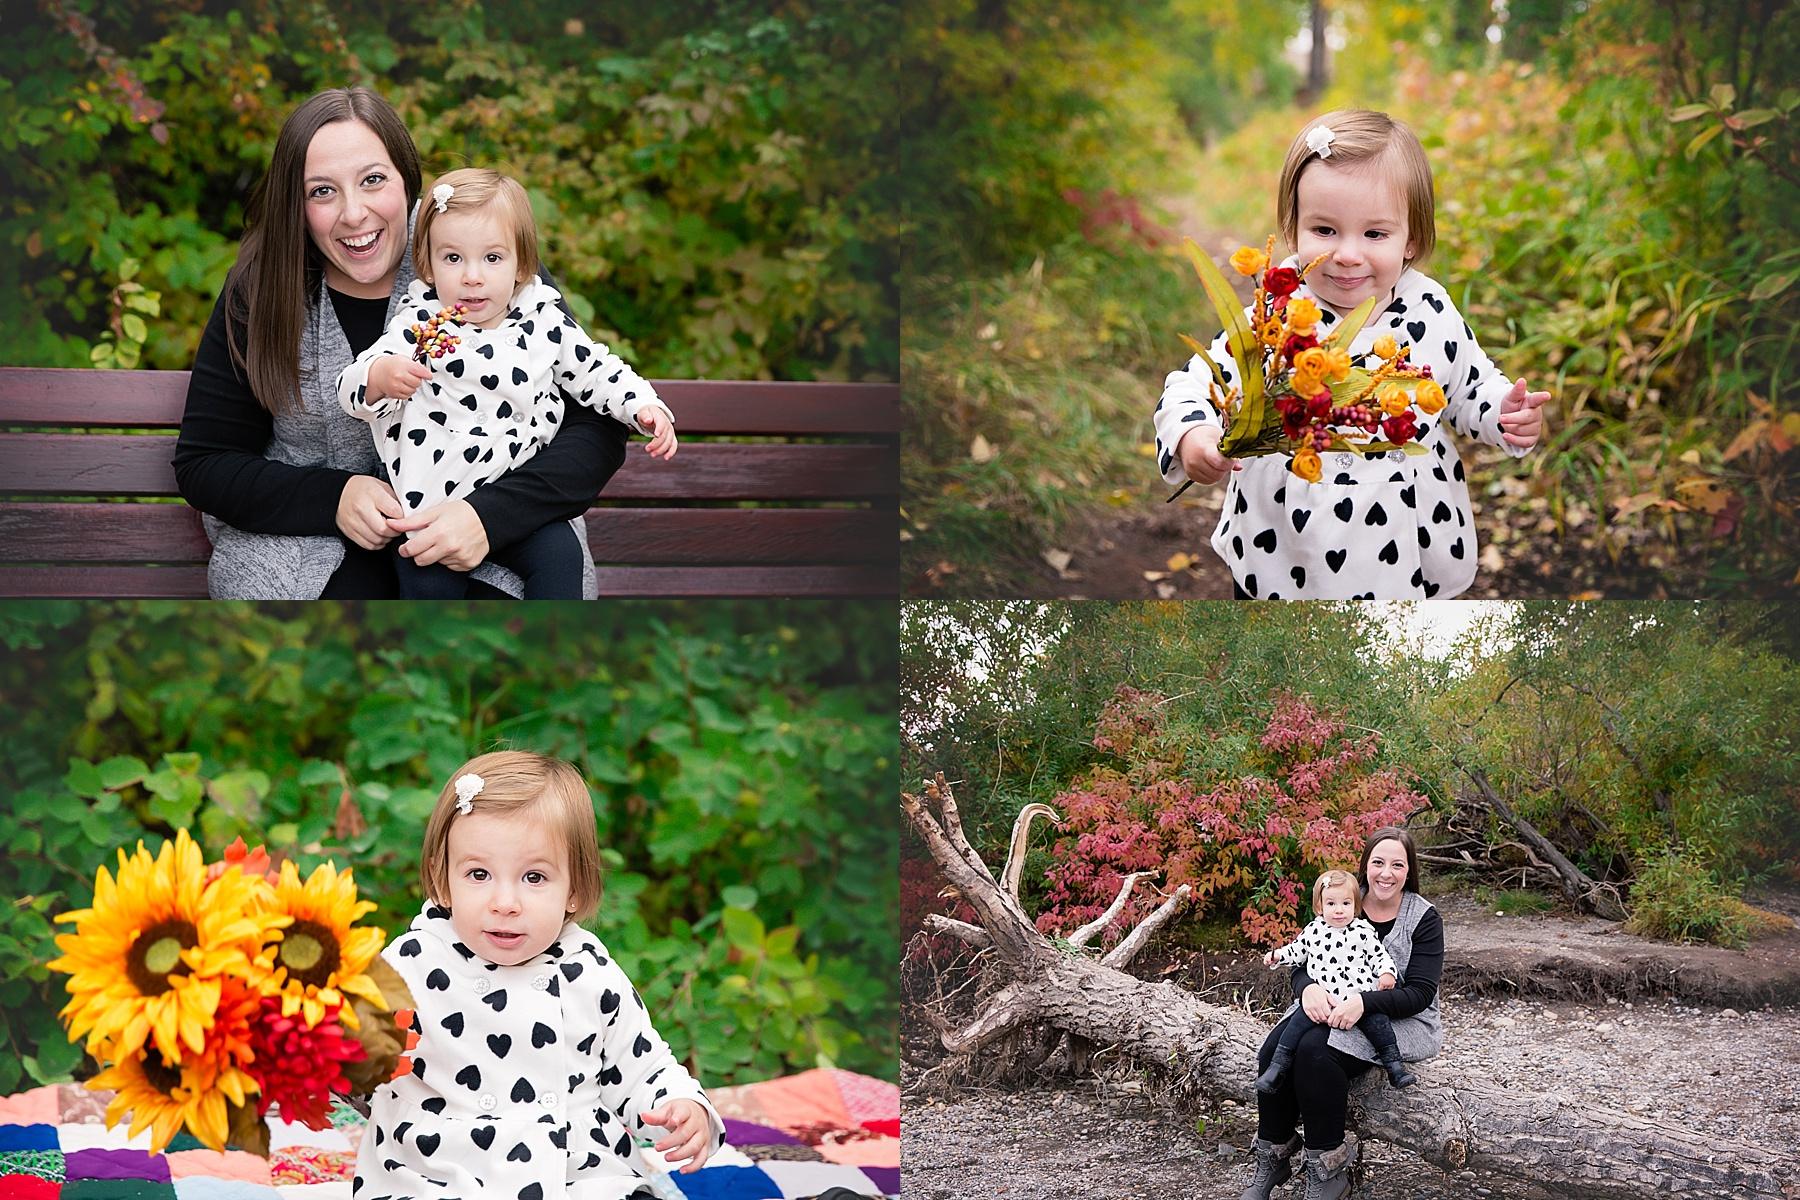 Calgary Fall Mini Session - Edworthy Park. Calgary Family Photographer - Milashka photography